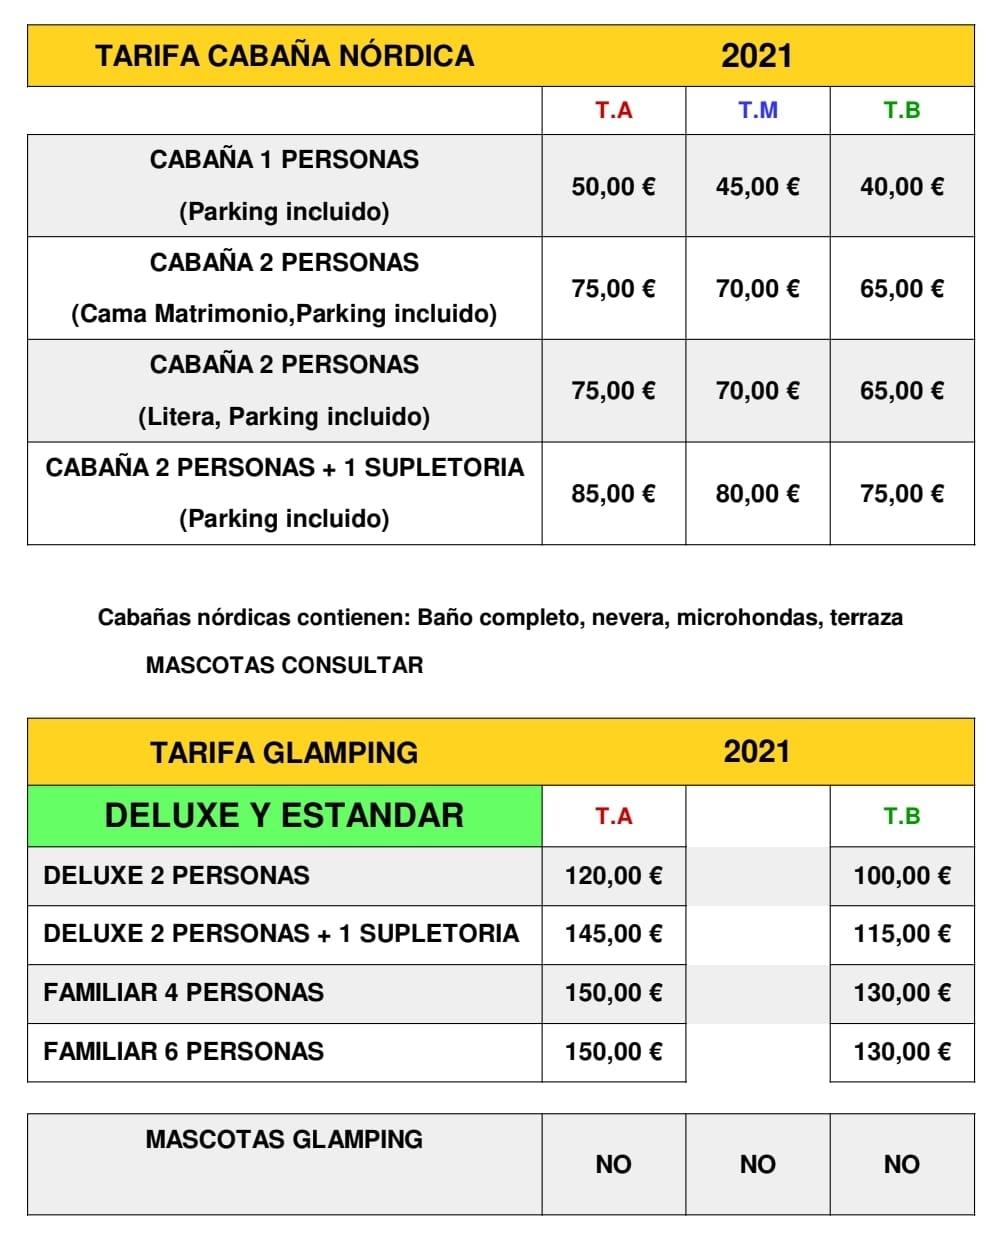 Tarifas Glamping 2021